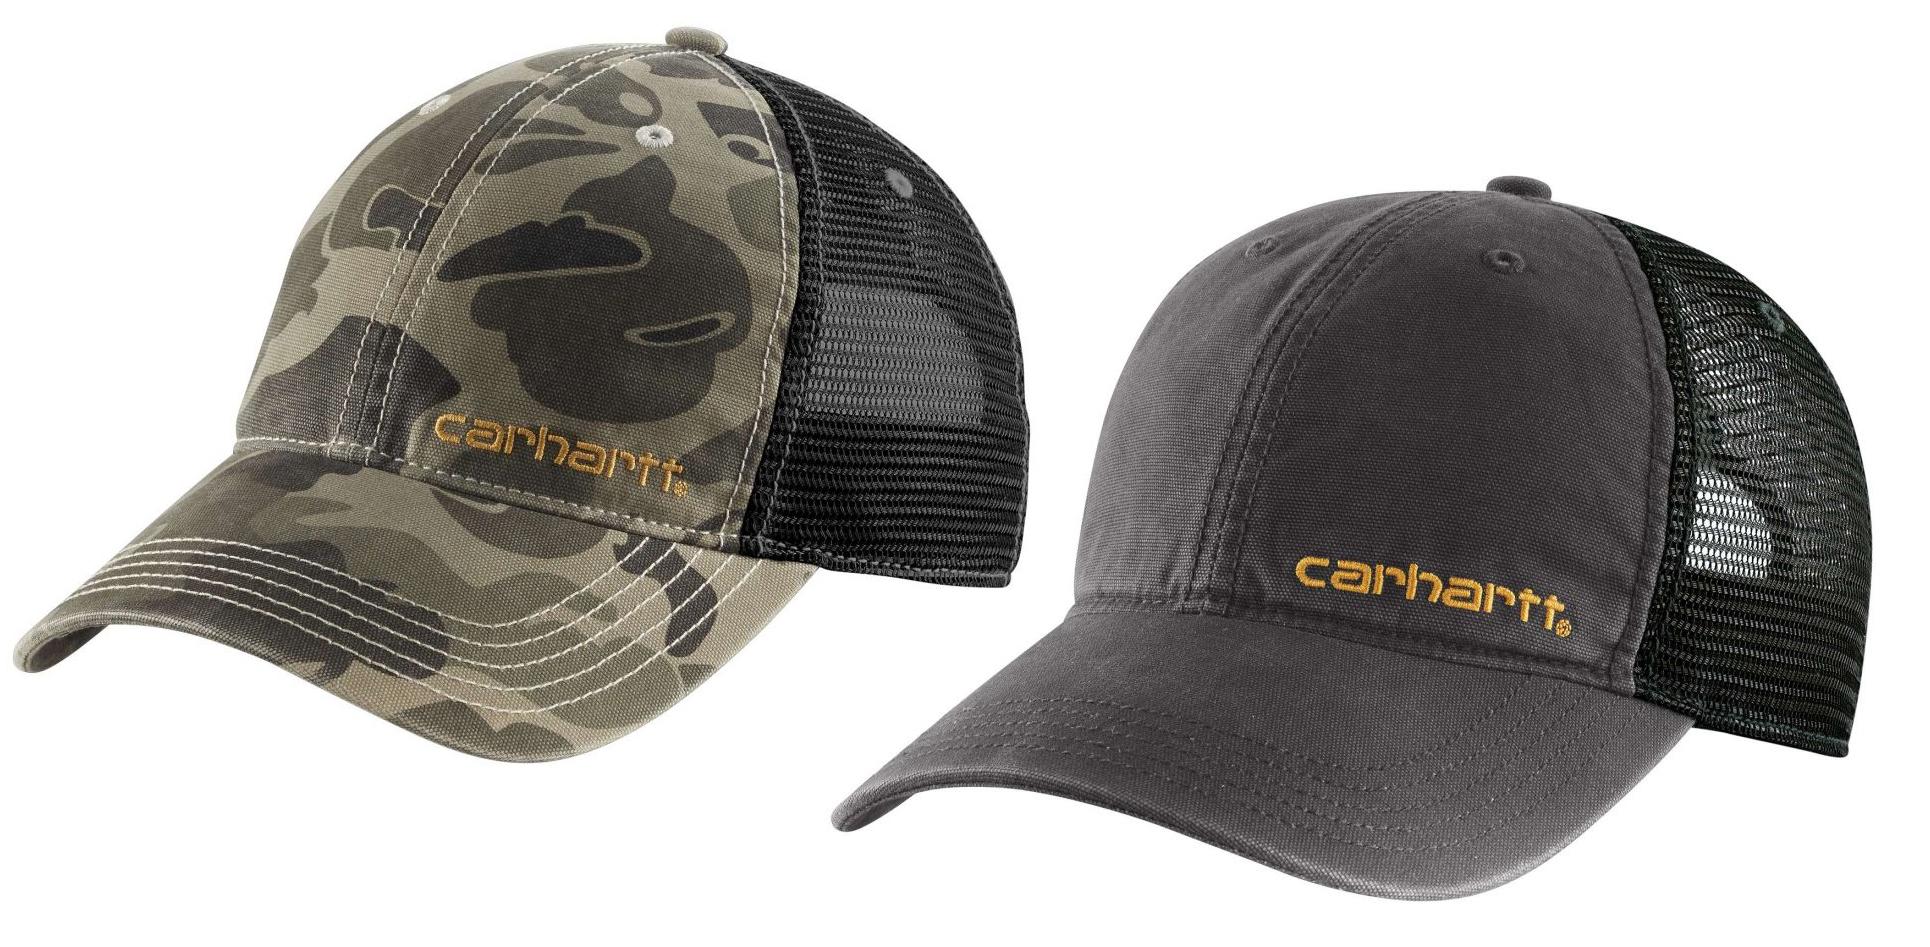 e5951efd4a6 Carhartt Brandt Camo Mesh Back Cap - Men s